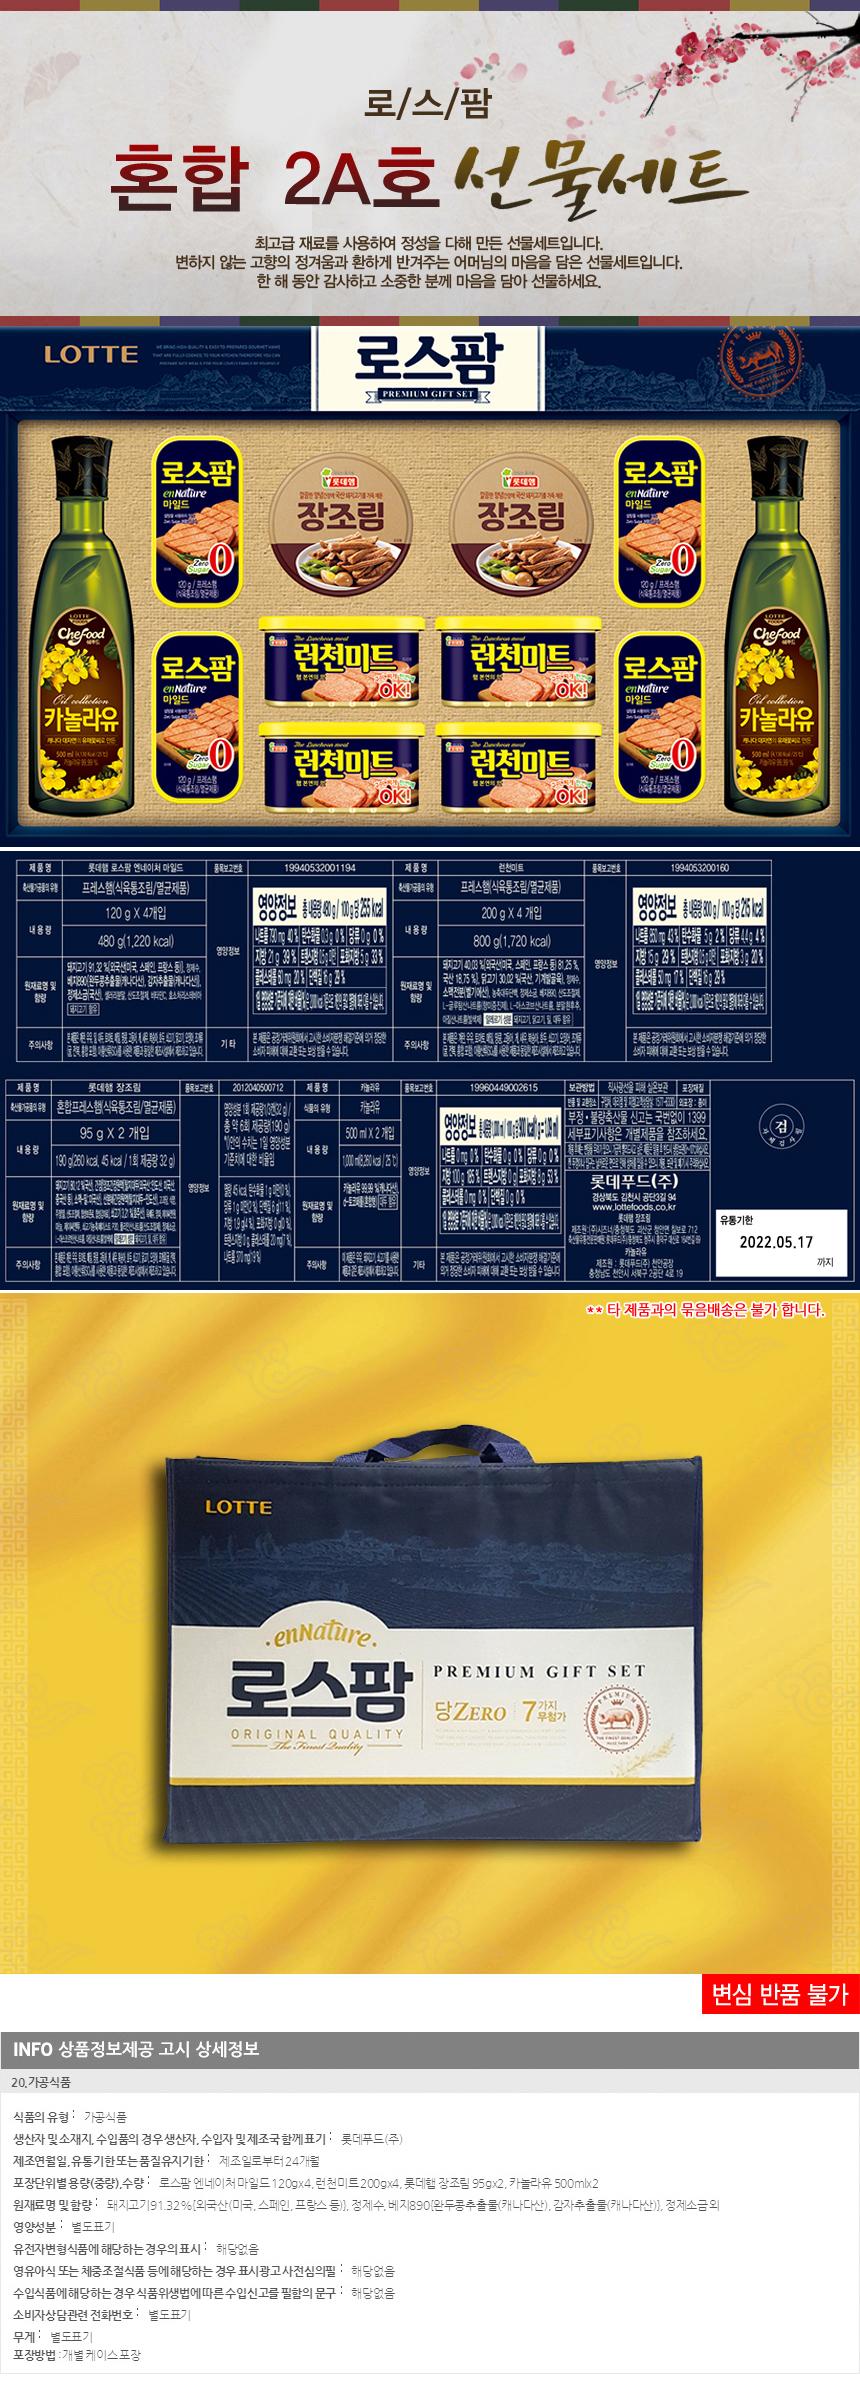 D. (롯데푸드)로스팜 혼합 2A호 선물세트